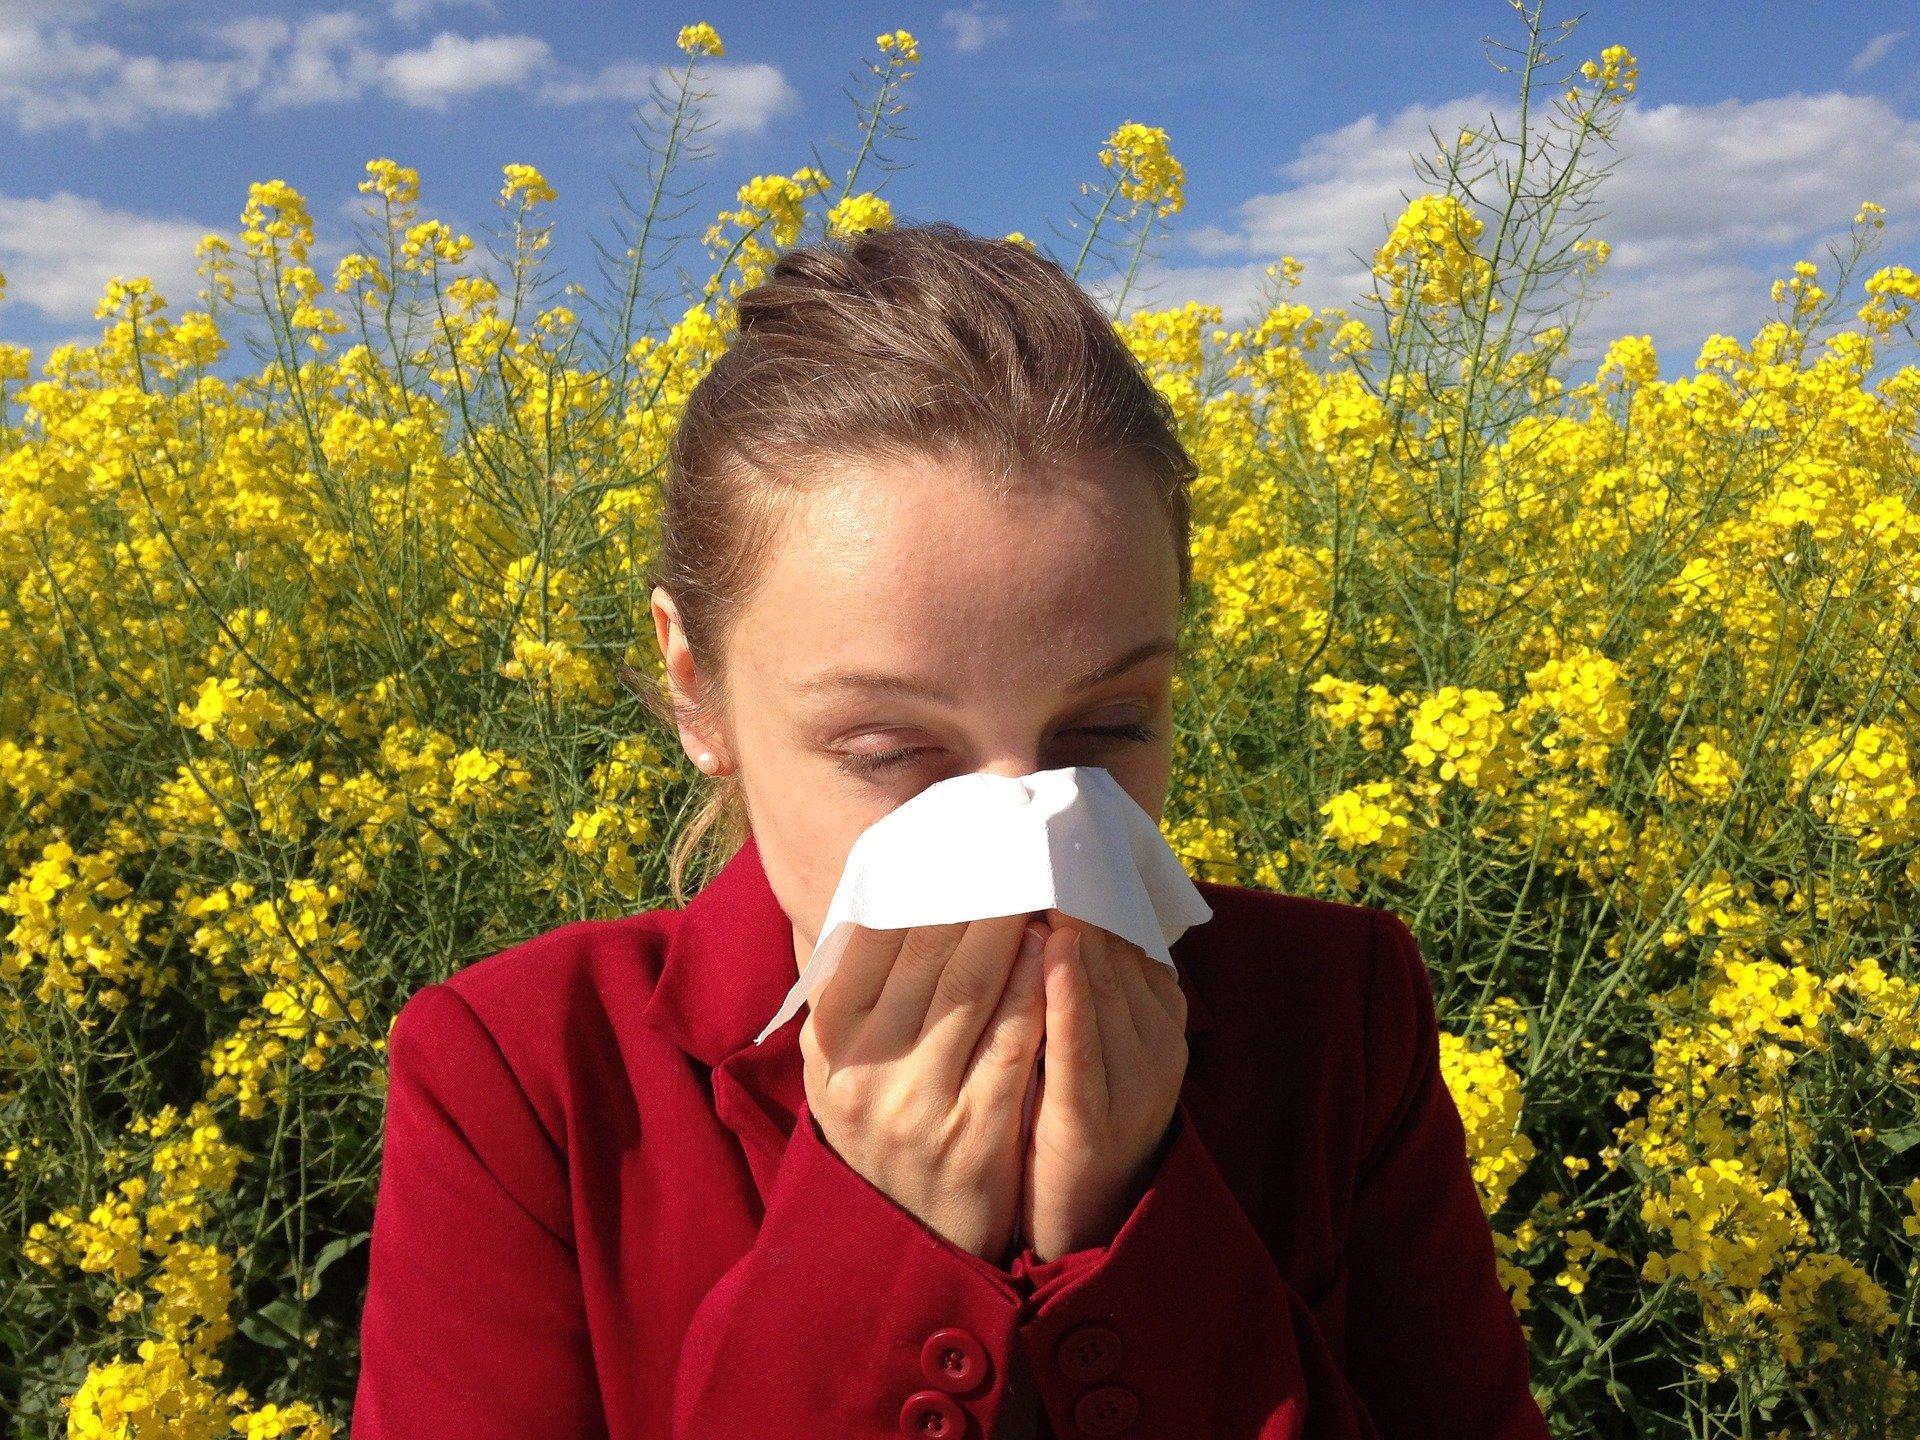 Allergiepatient - was nun?